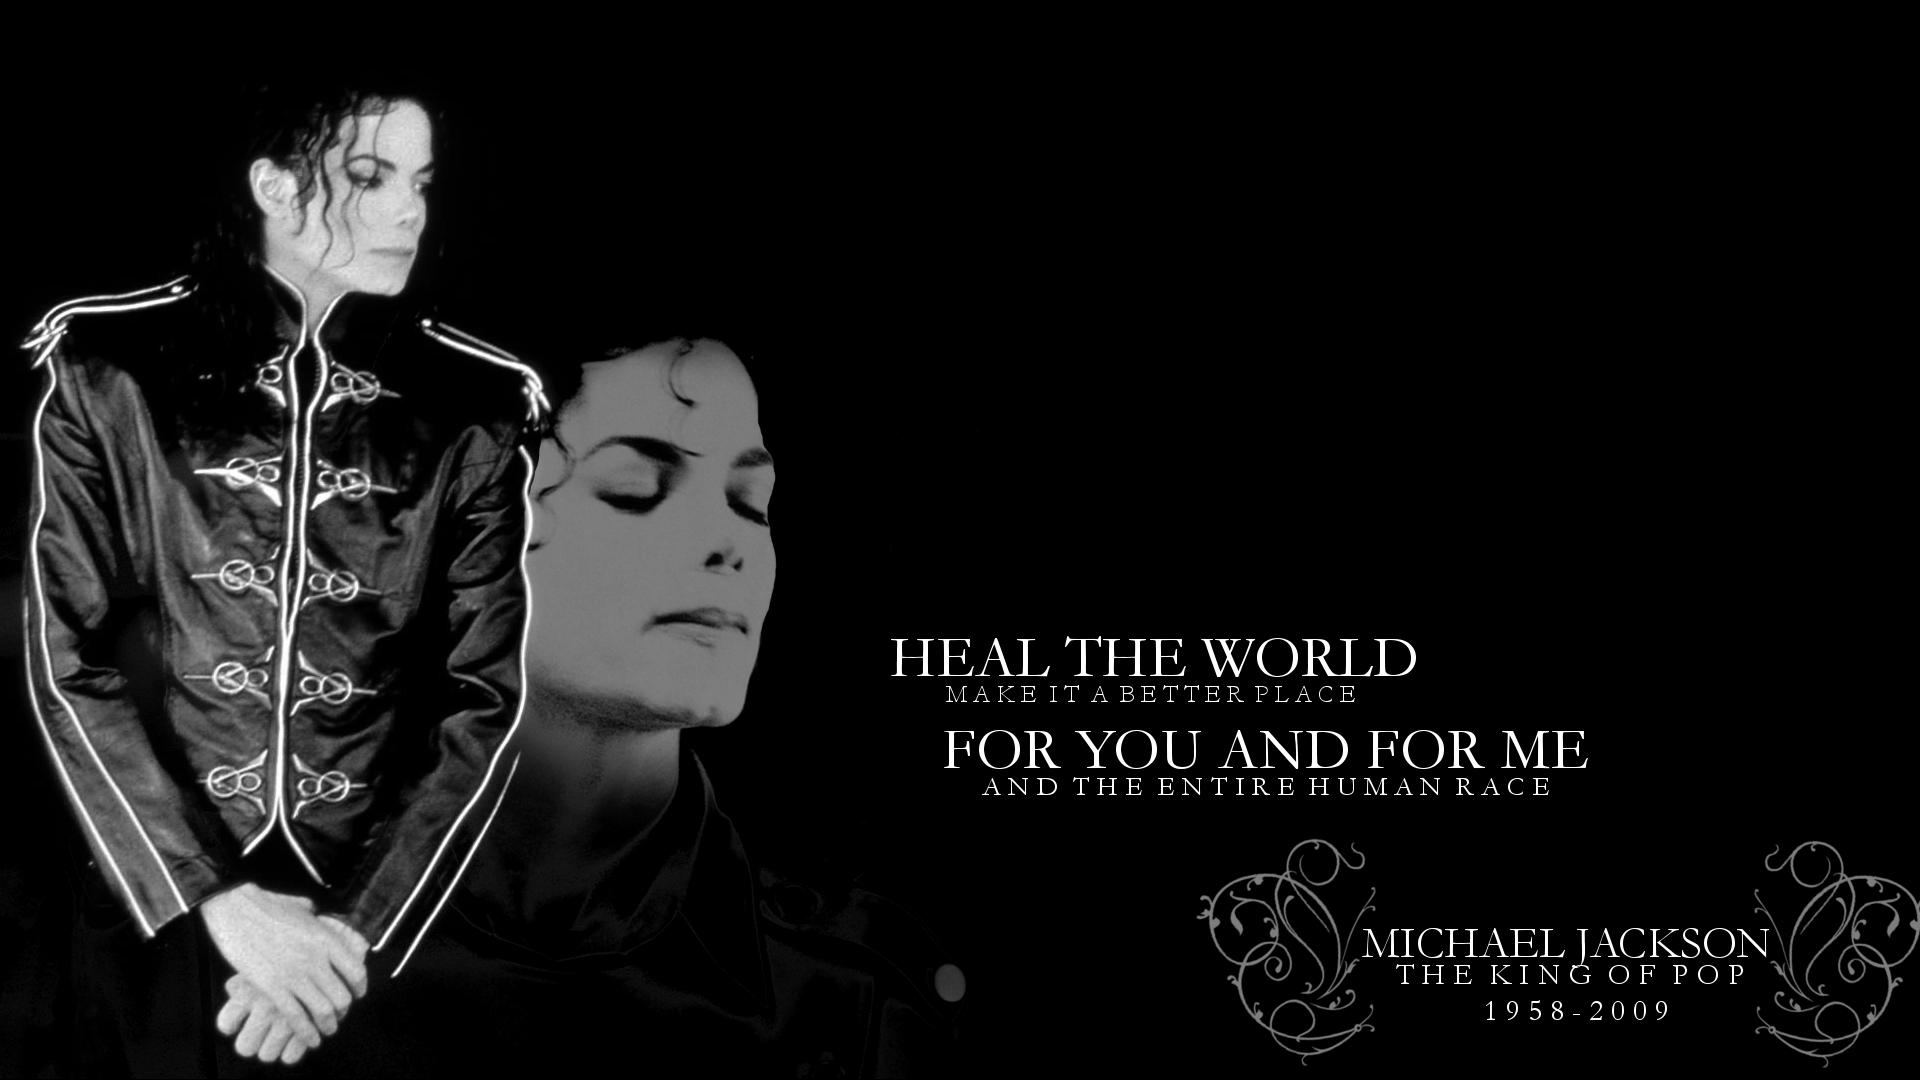 MJ Y LOS MEDIOS DE COMUNICACIÓN R-I-P-Michael-Jackson-michael-jackson-6877727-1920-1080